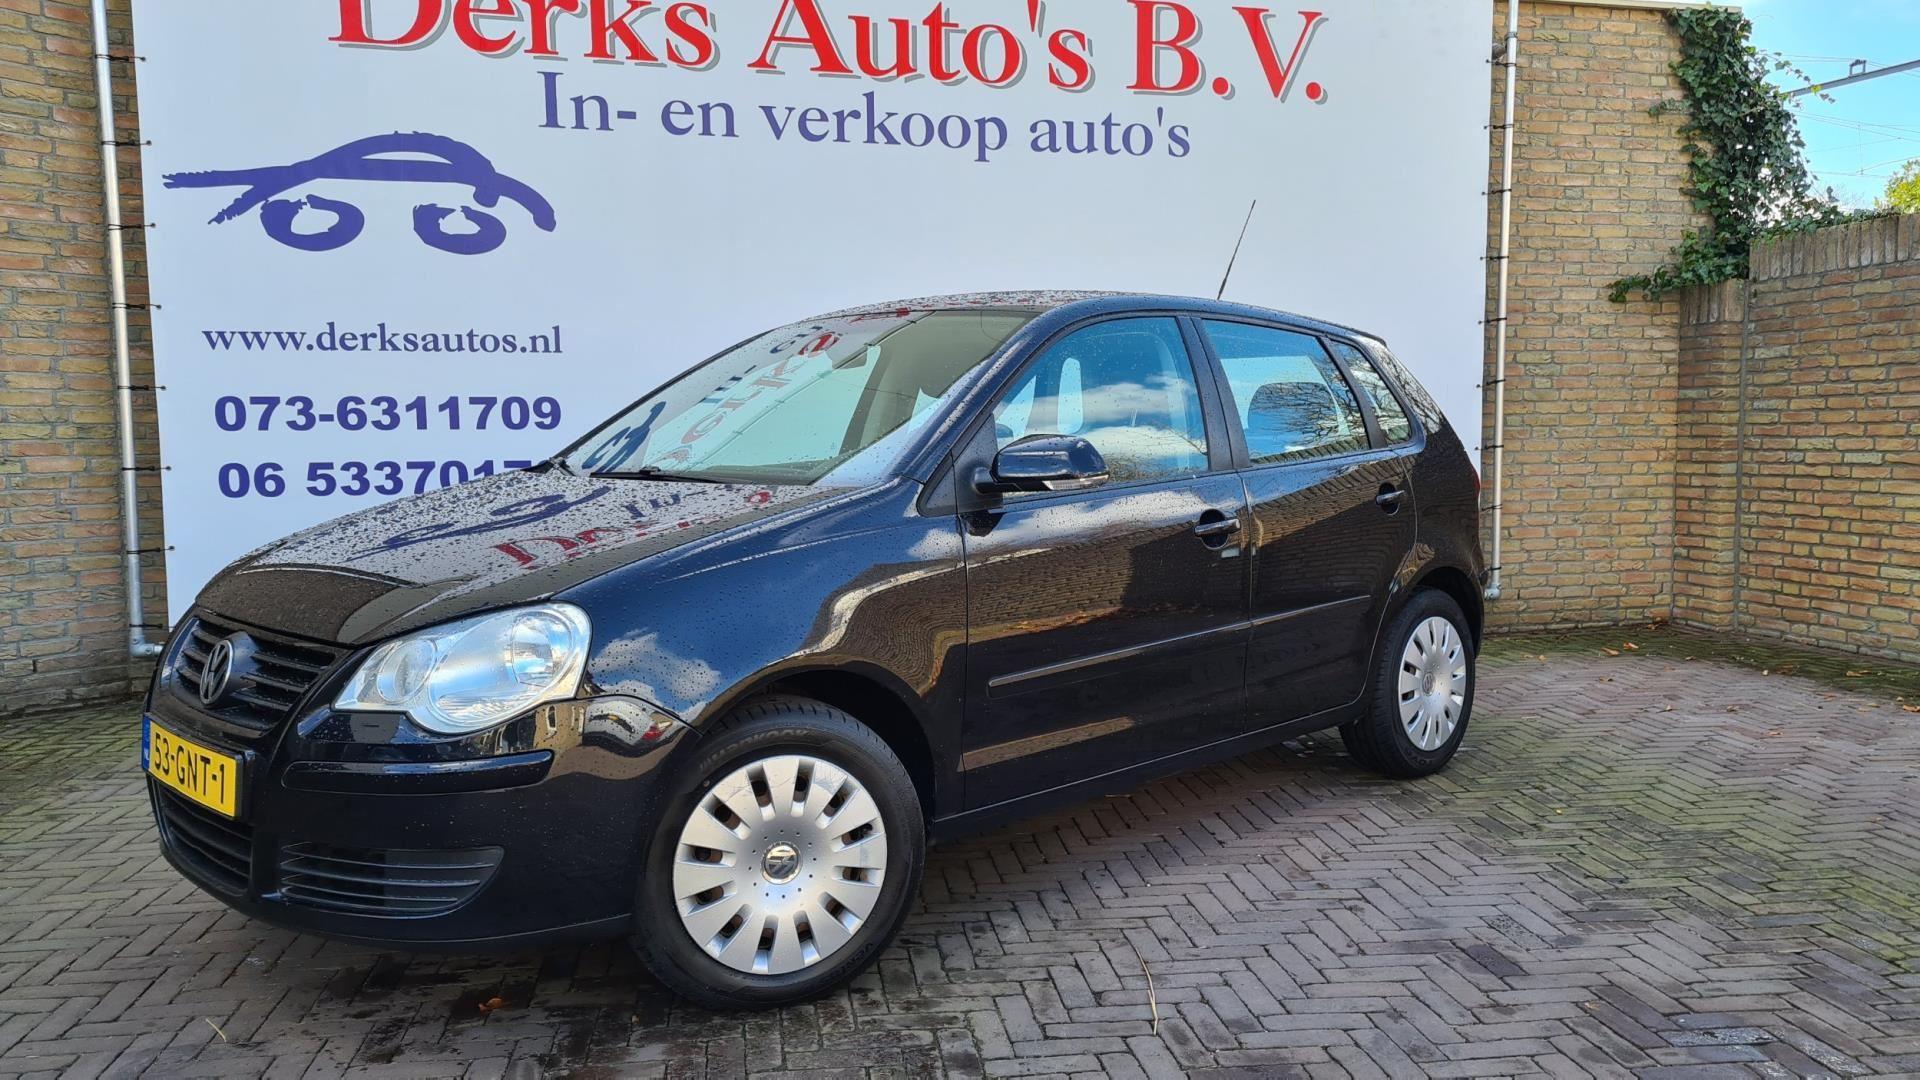 Volkswagen Polo occasion - Derks Auto's B.V.